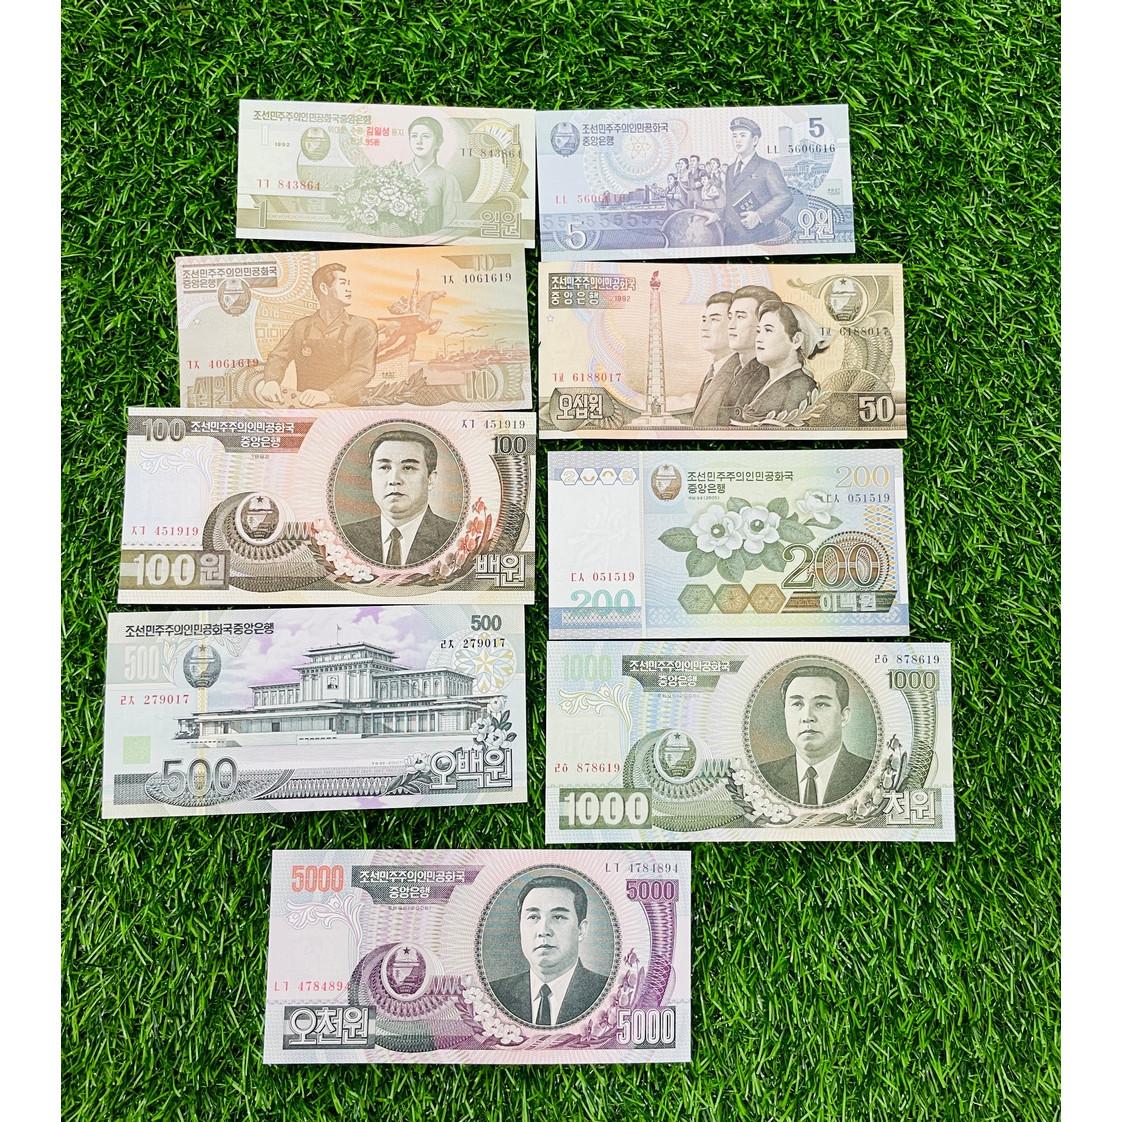 Bộ tiền Bắc Triền Tiên xưa năm 1992, gồm 9 tờ từ 1 - 5000 Won, mới 100% UNC, tặng túi nilon bảo quản